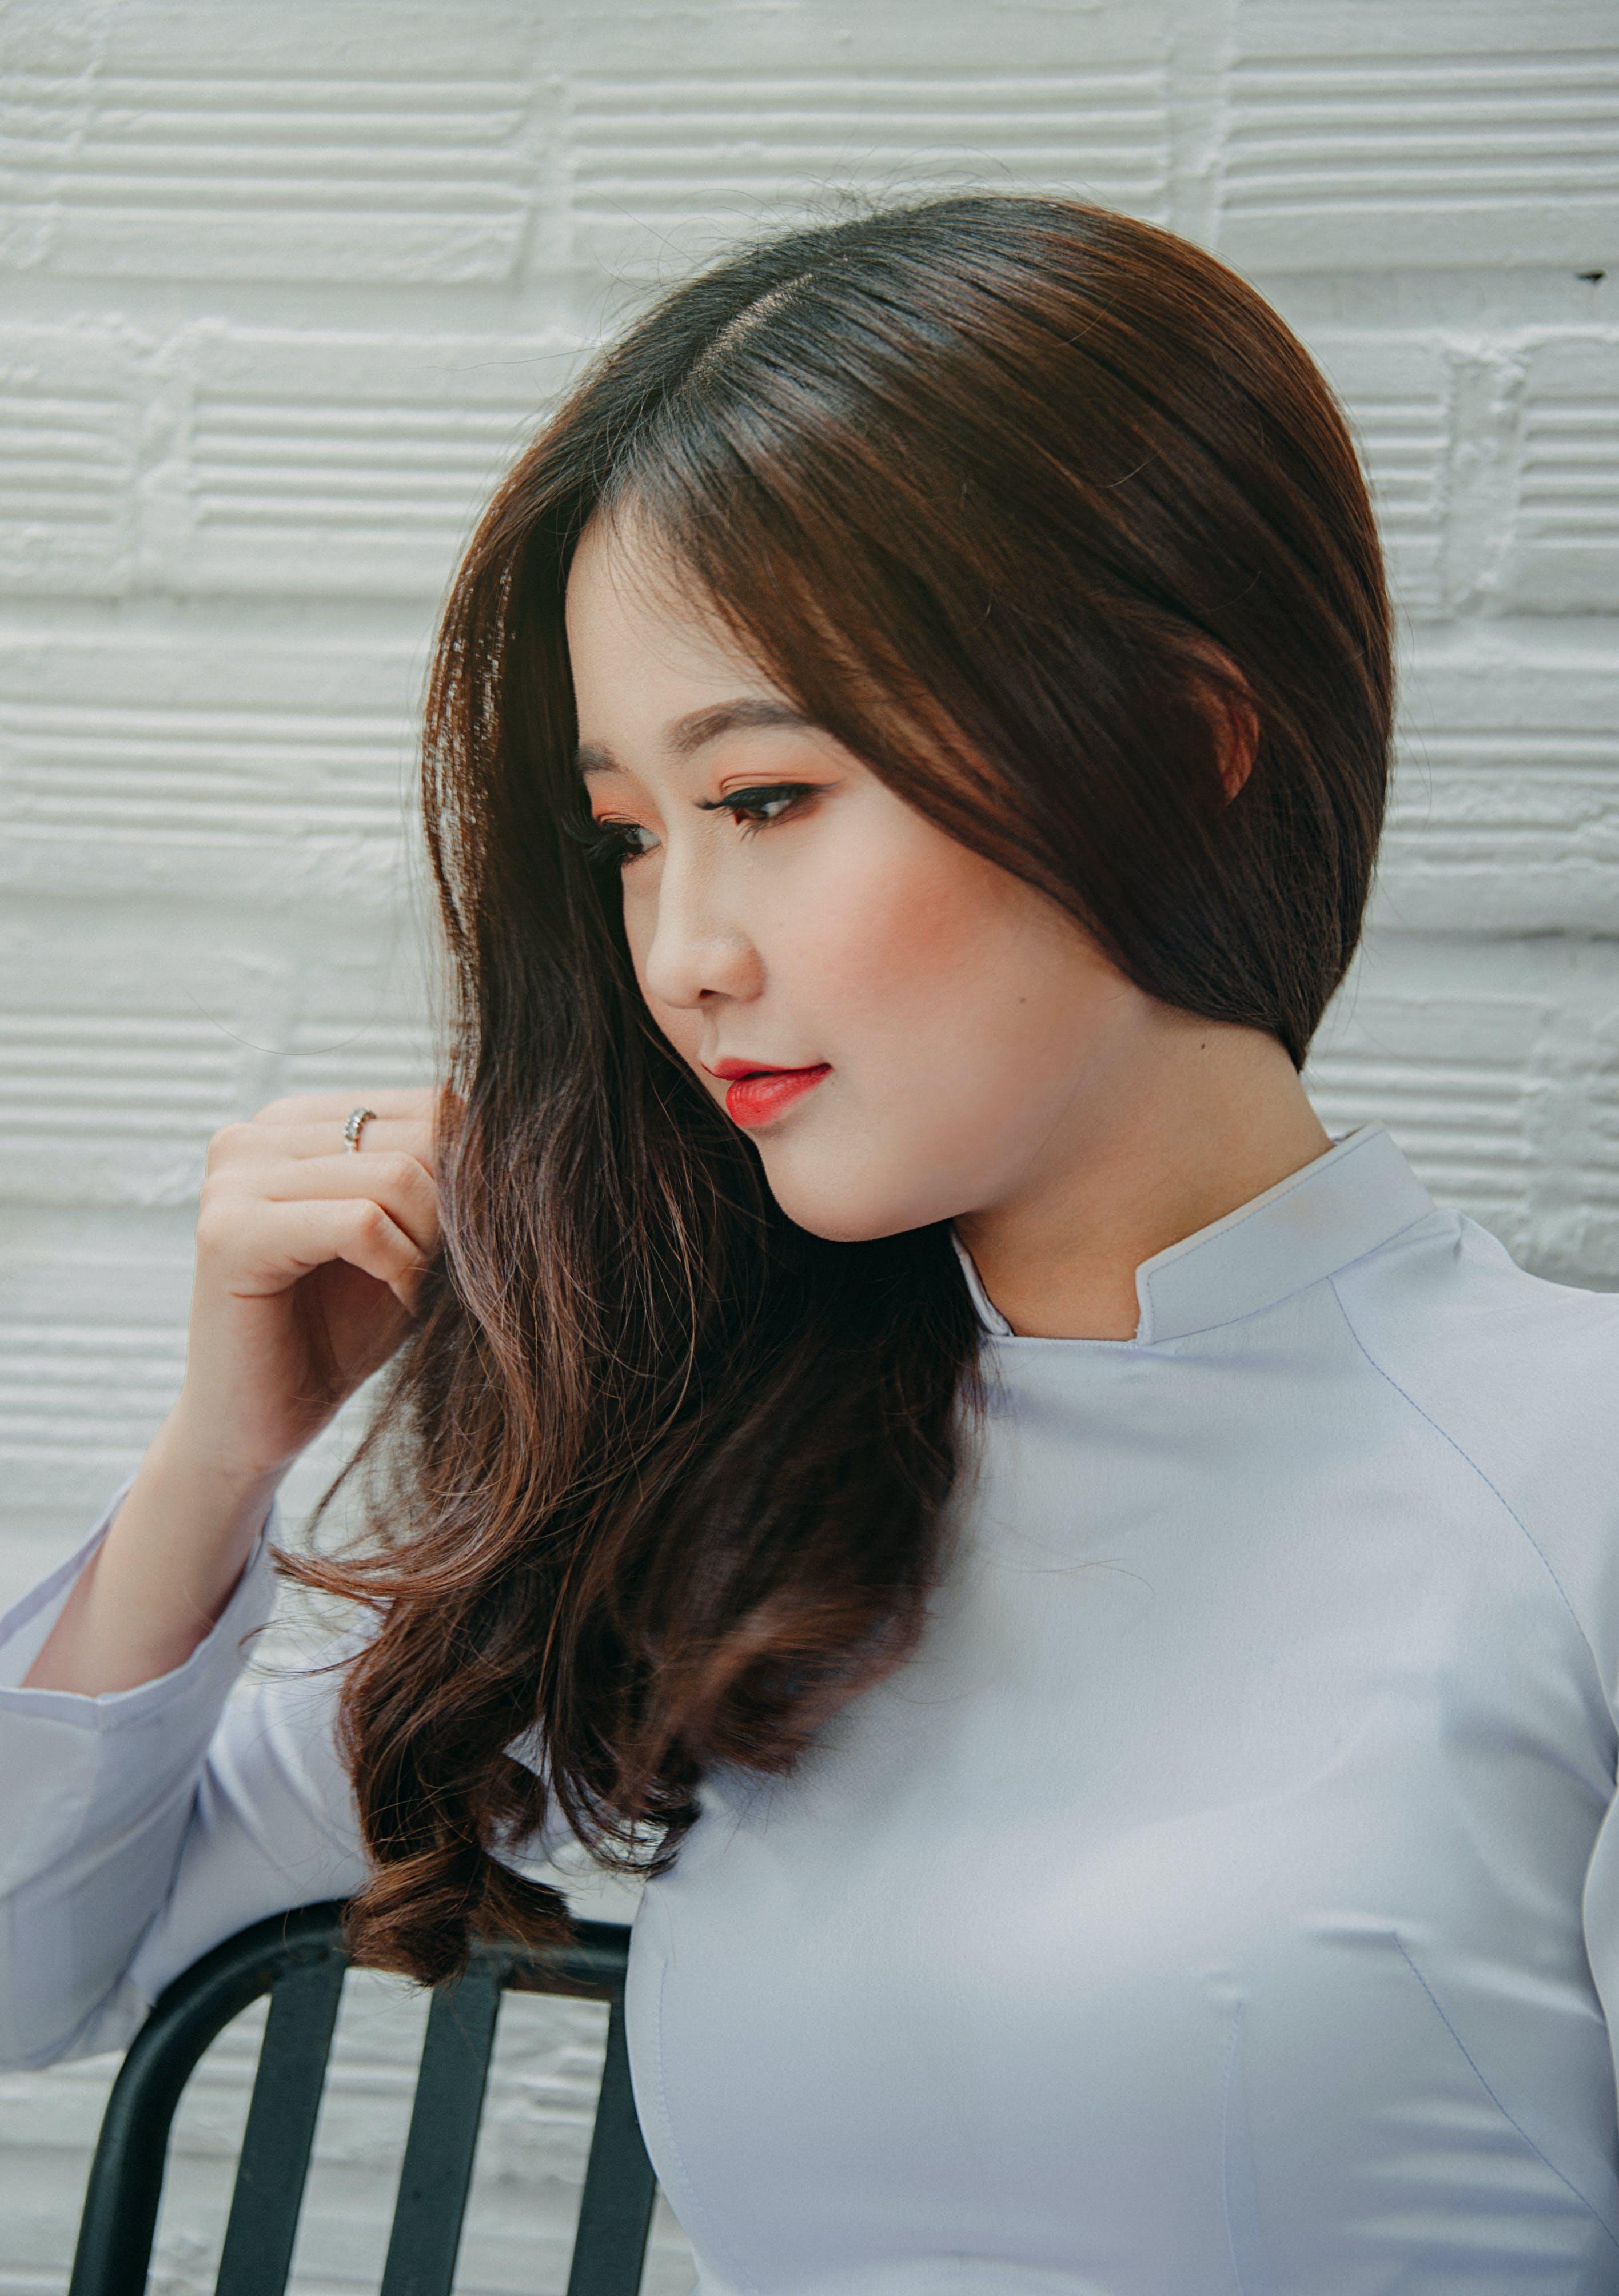 atraktívny, Ážijčanka, ázijské dievča